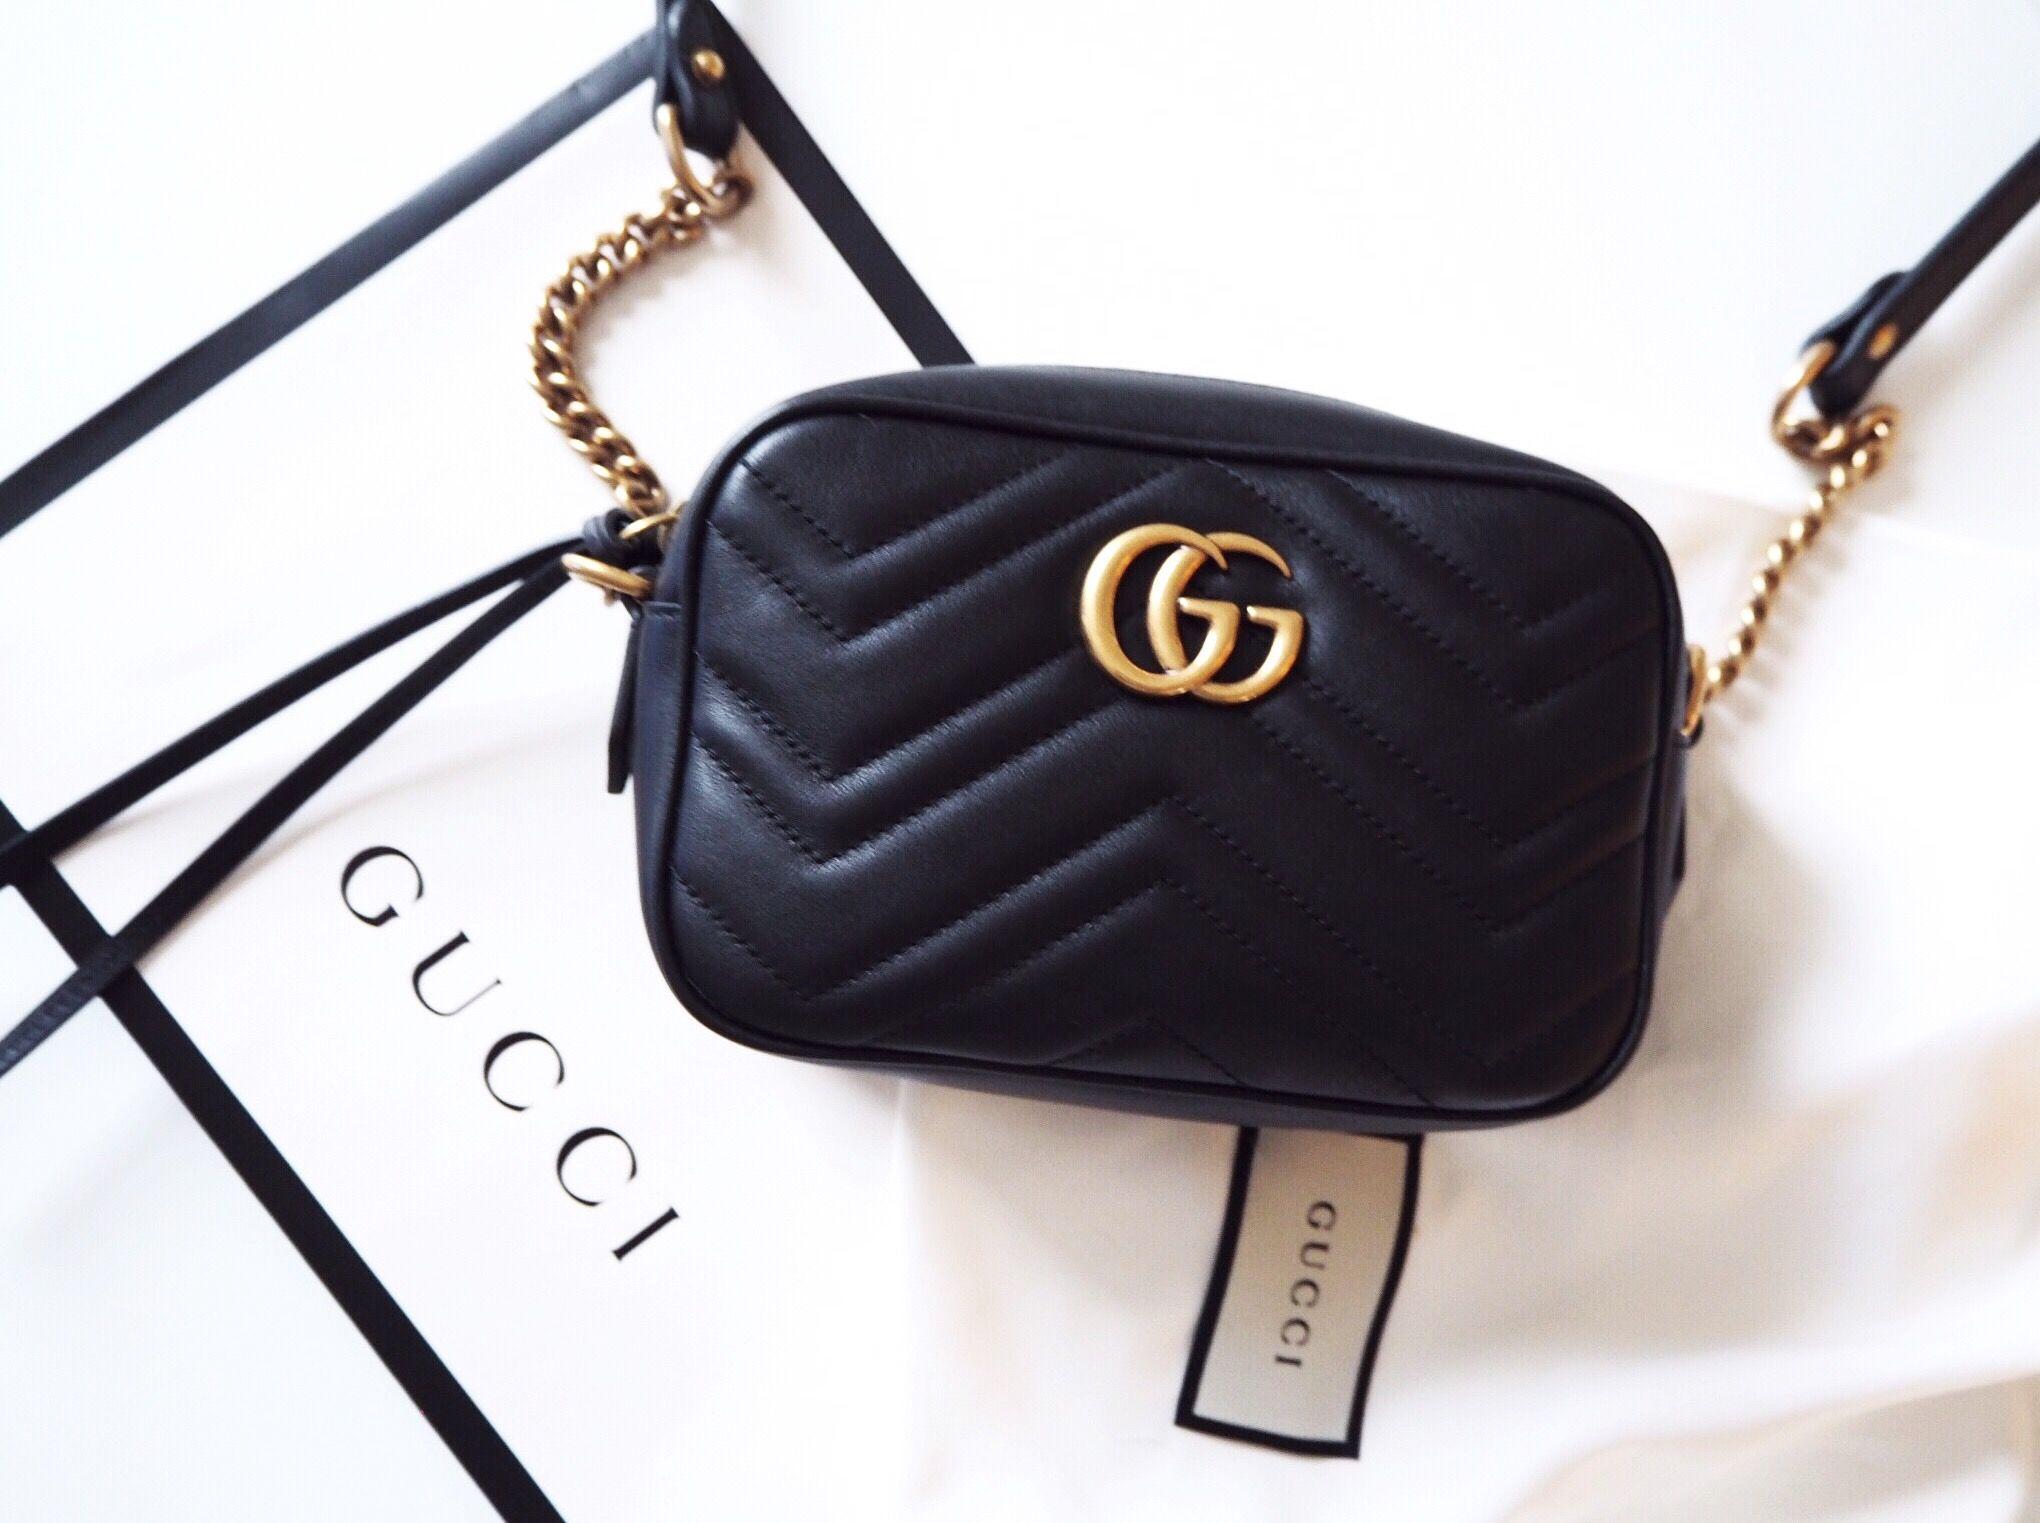 656bf9c19915 Gucci bag Matelassé